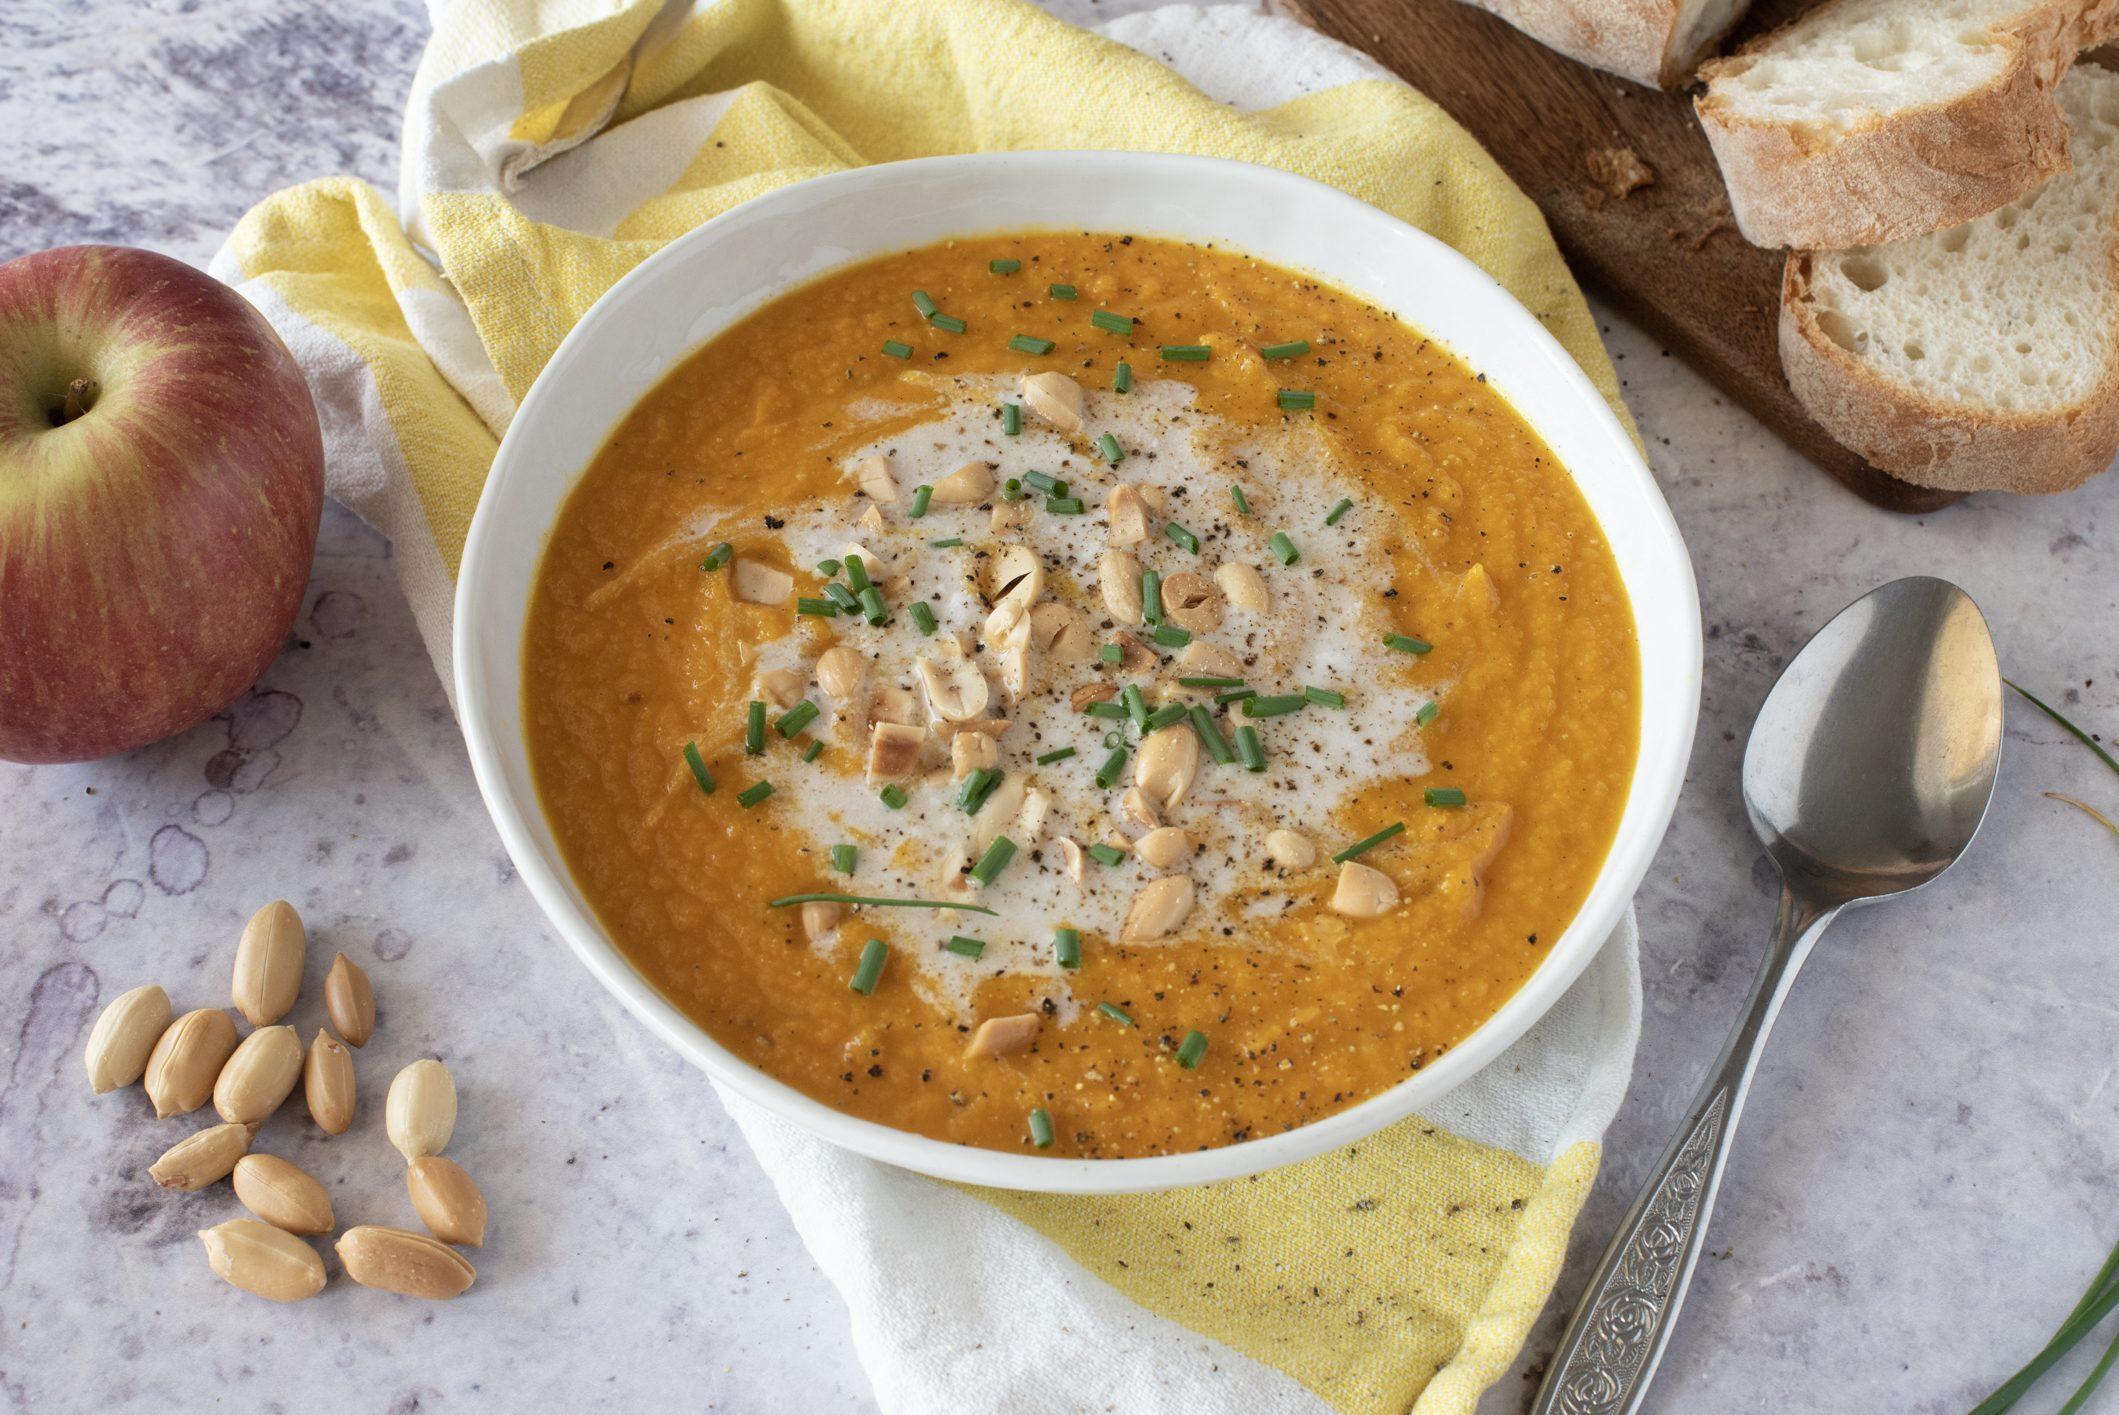 Gazpacho alle carote e latte di cocco: la ricetta dell'antipasto creativo ed esotico